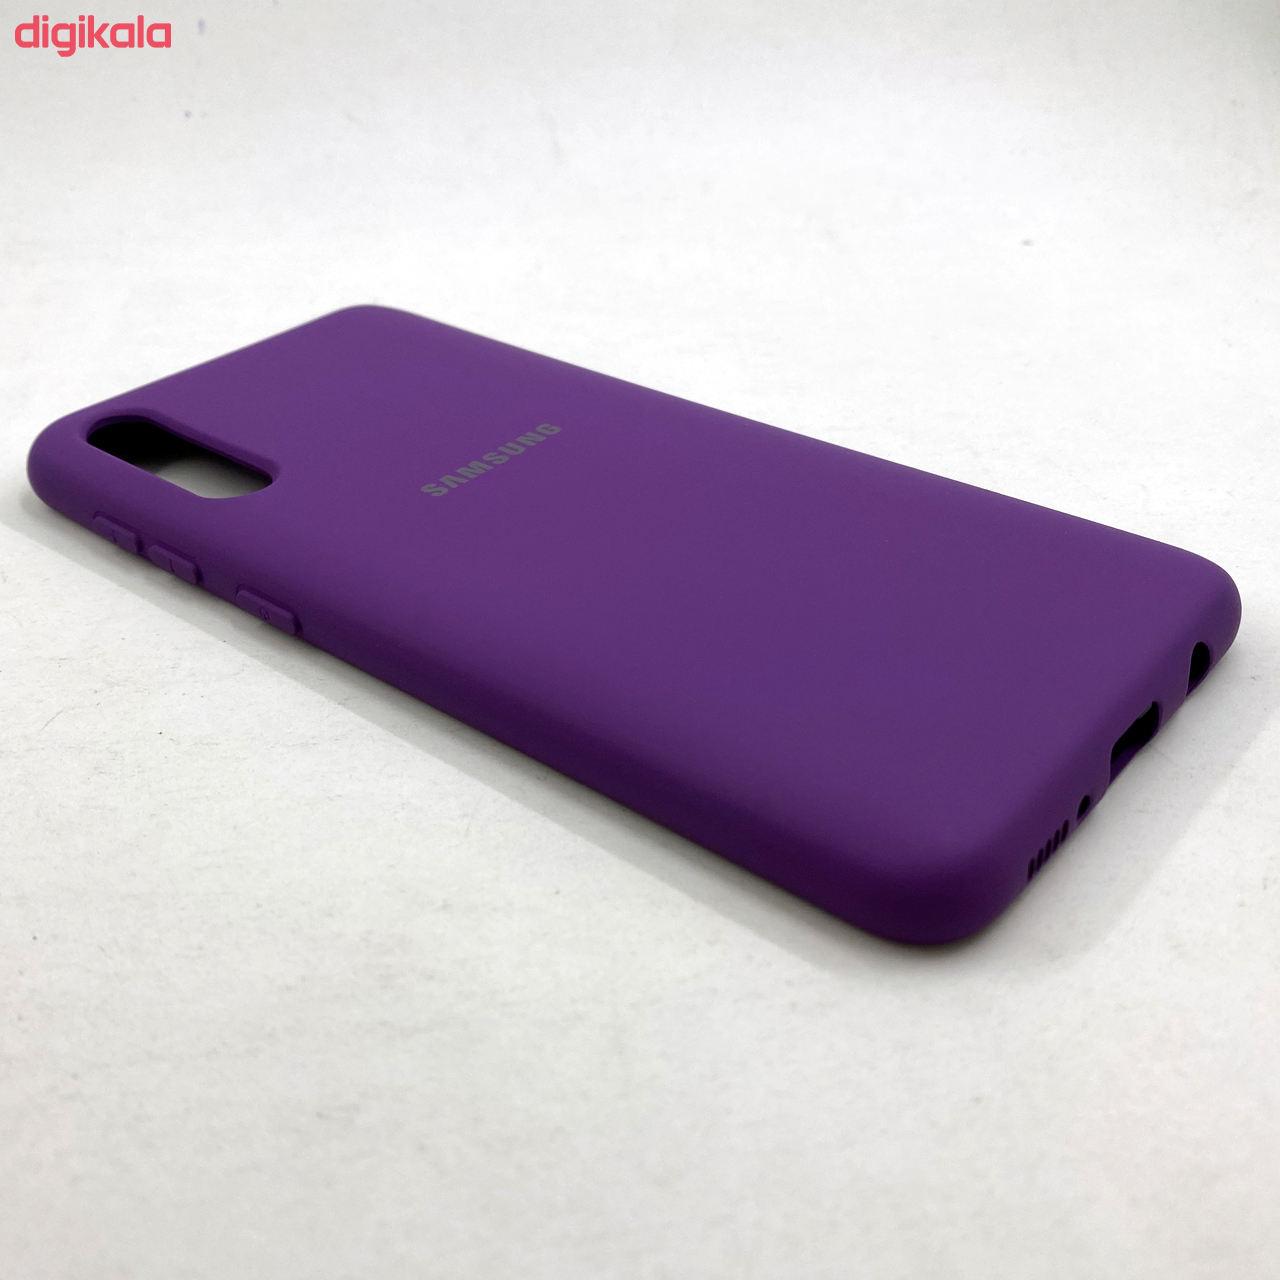 کاور مدل SCN مناسب برای گوشی موبایل سامسونگ Galaxy A50 / A50s / A30s main 1 18